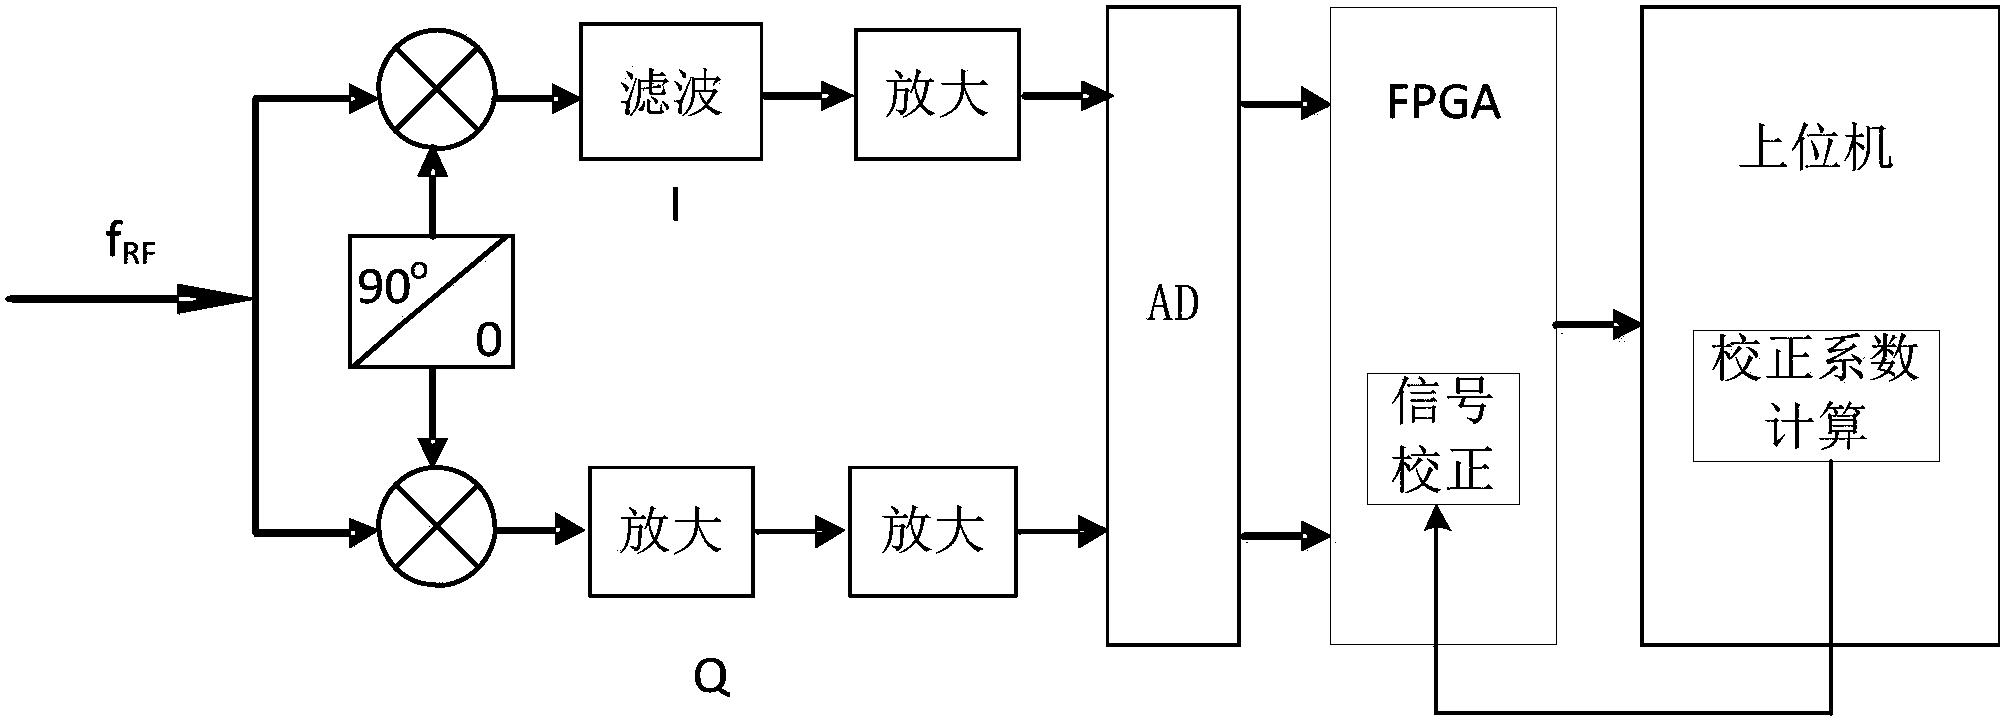 一种针对零中频接收器直流偏移的信号处理方法及系统